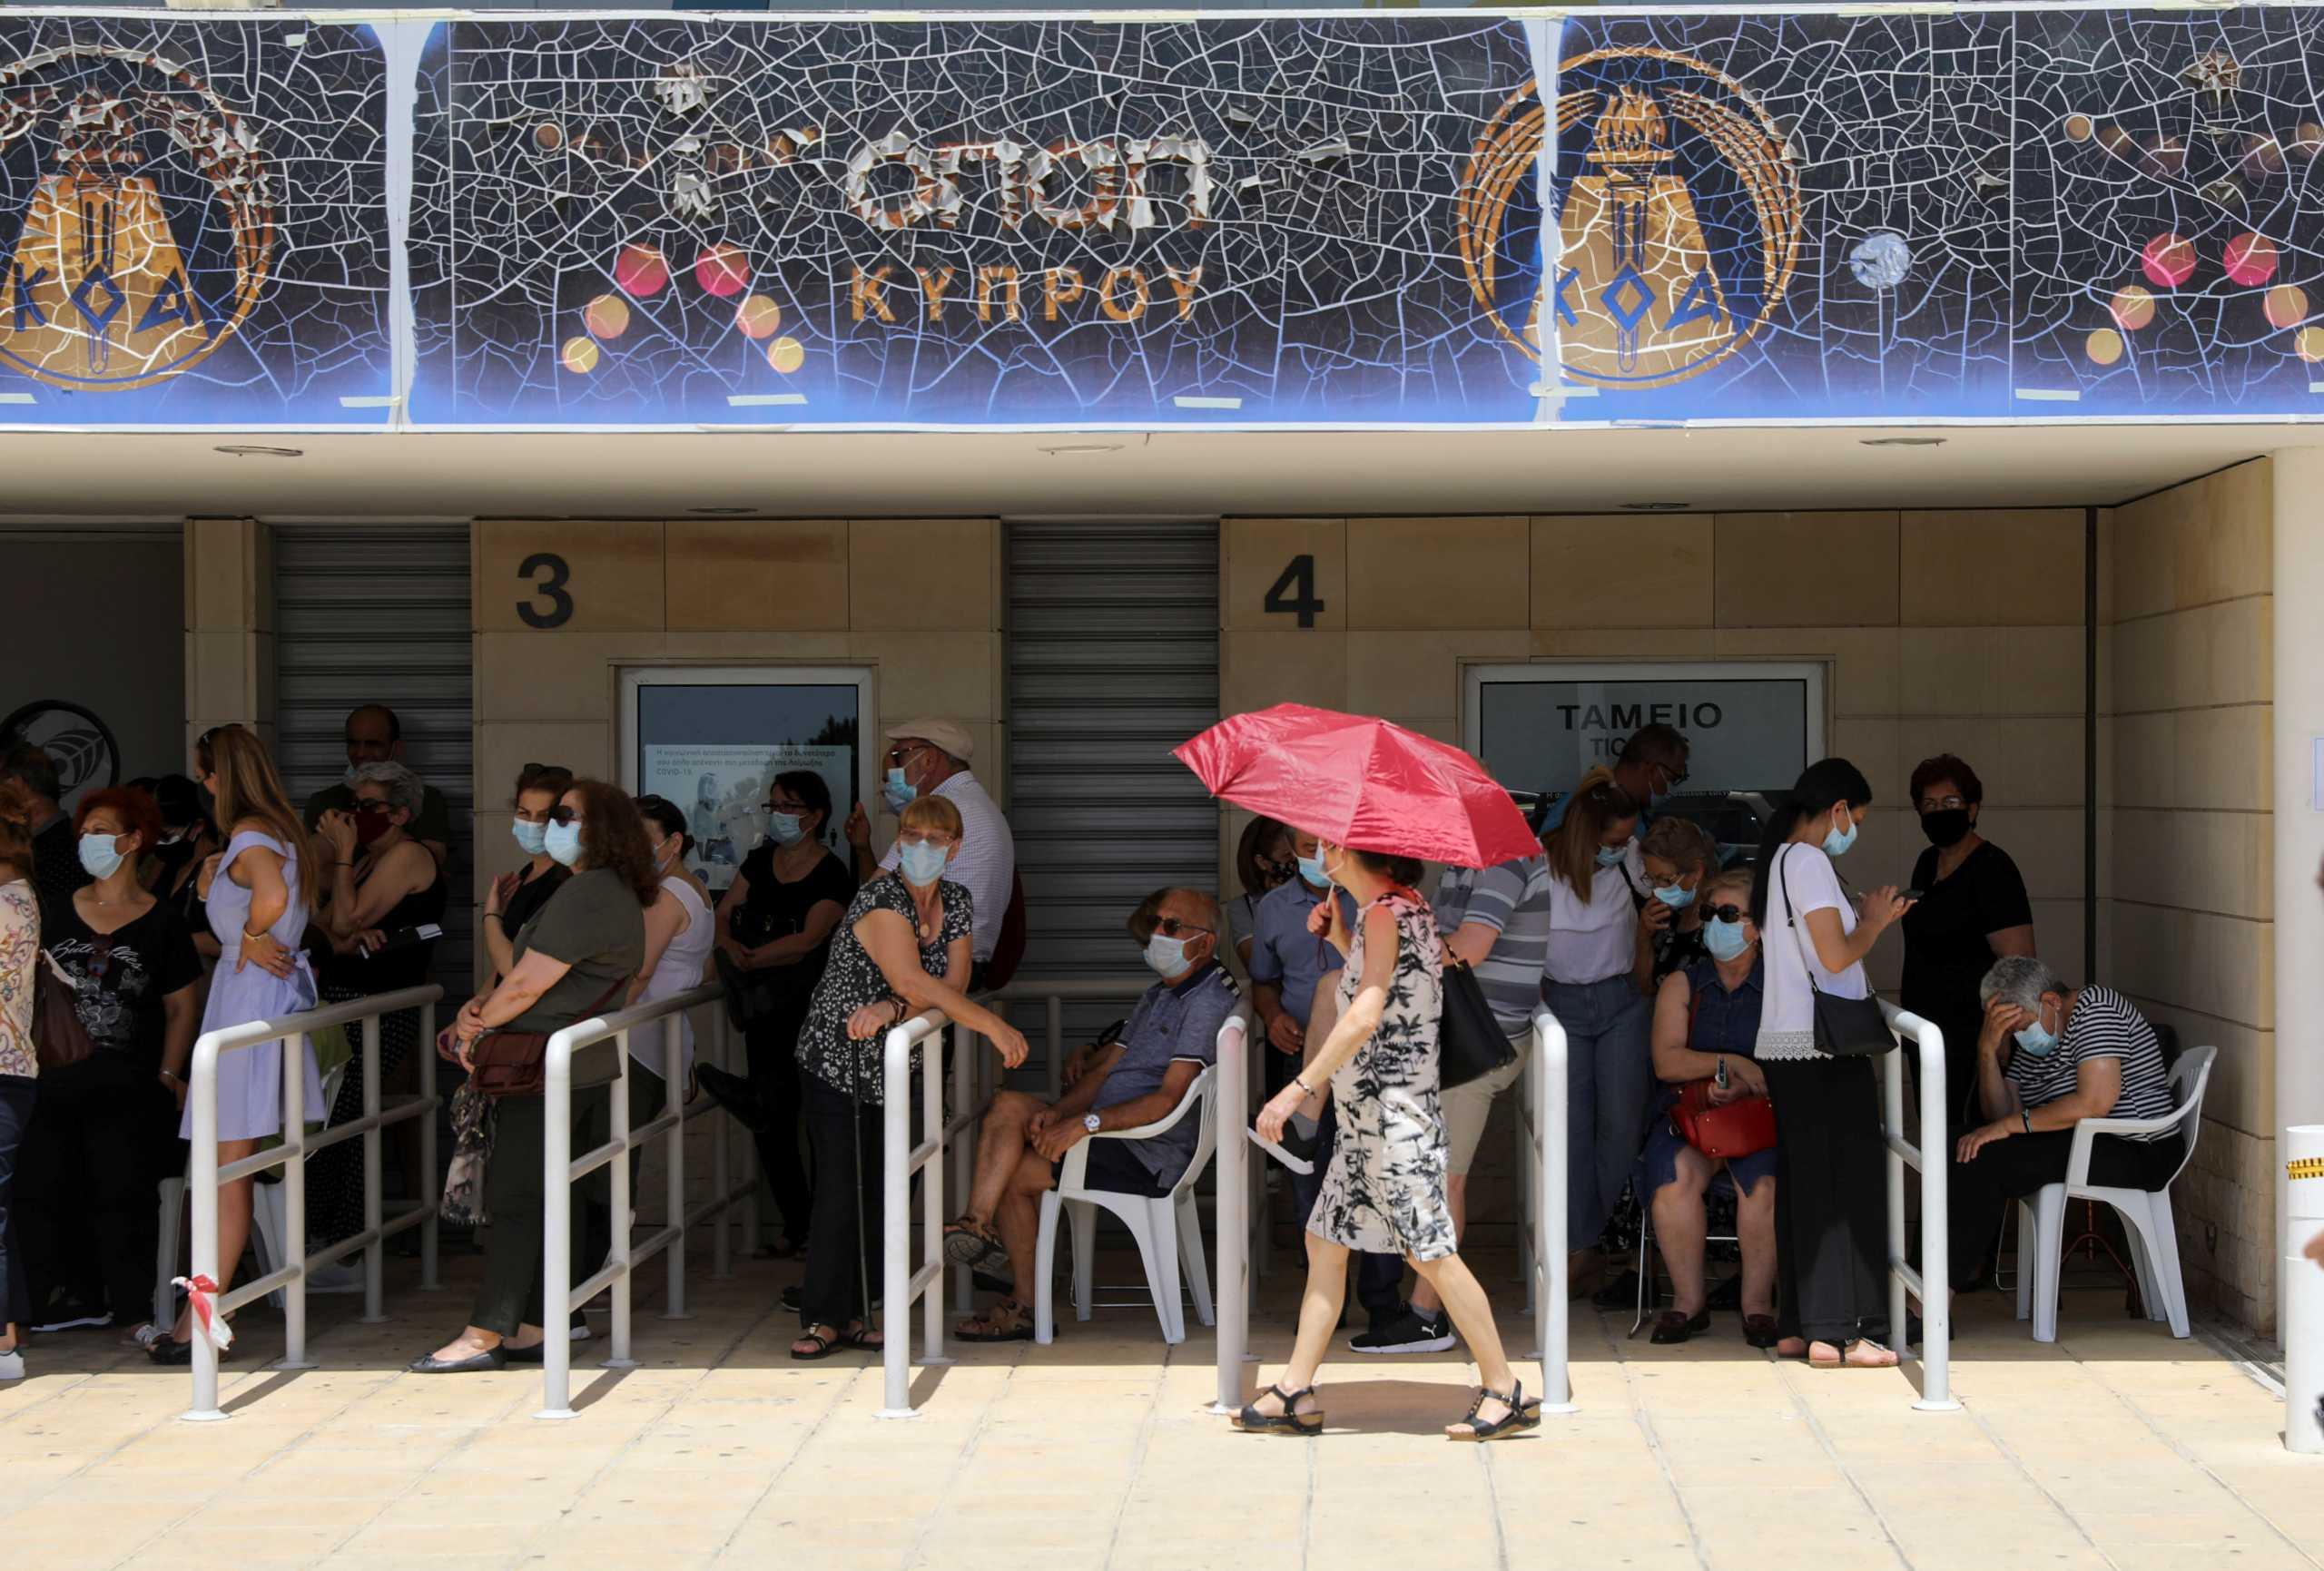 Πέμπτη χώρα στην ΕΕ η Κύπρος στους εμβολιασμούς κατά του κορονοϊού